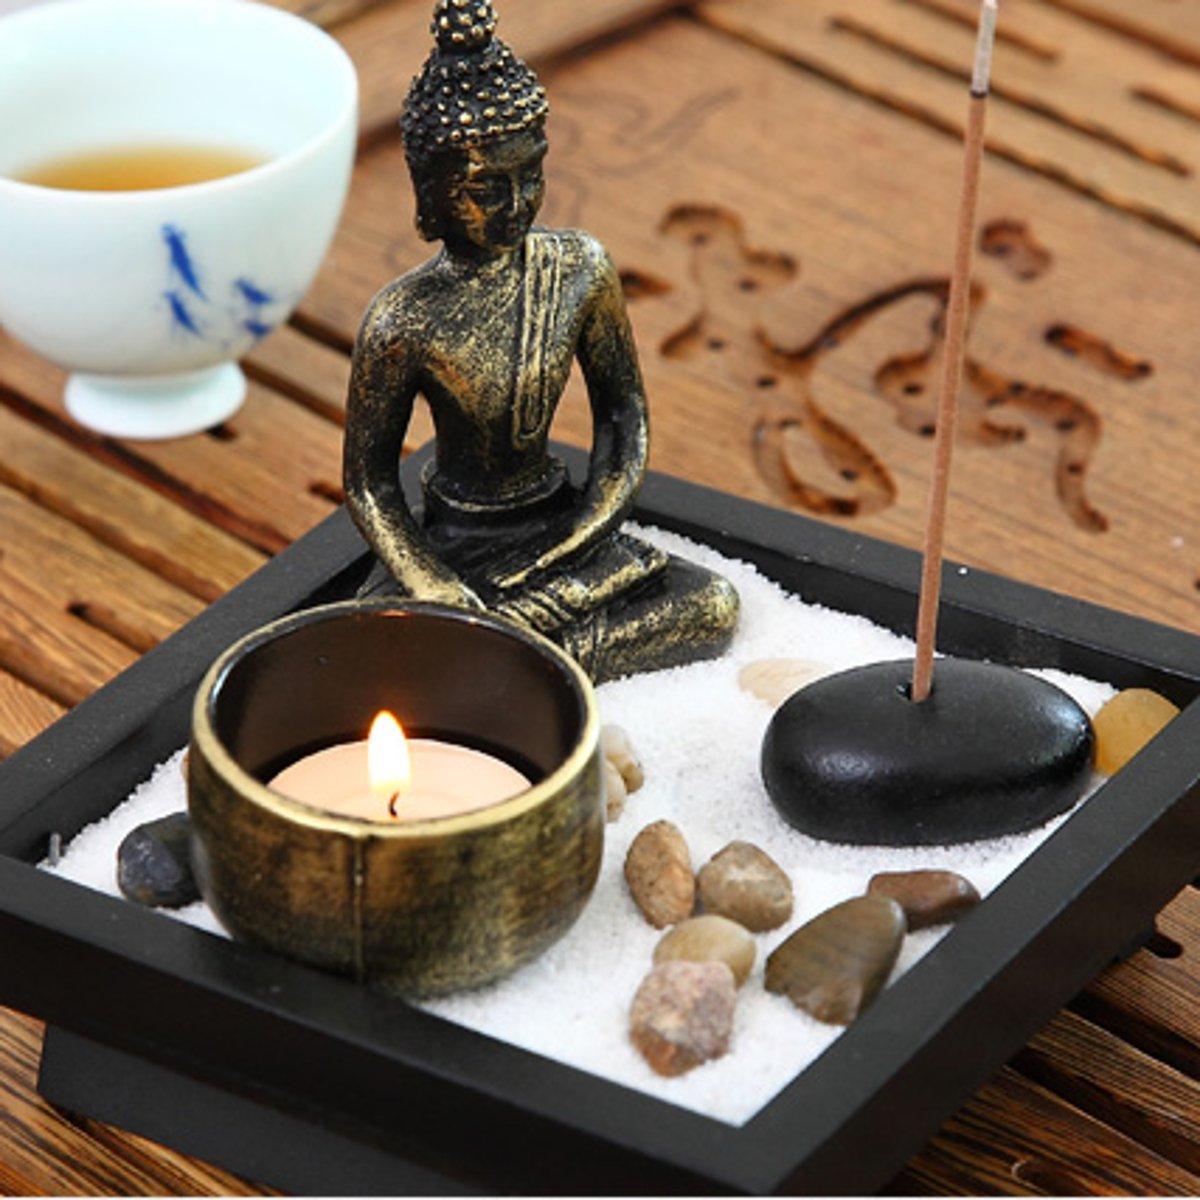 Amazon.com: Jeteven Tabletop Zen Garden Candle Incense Burner Home ...